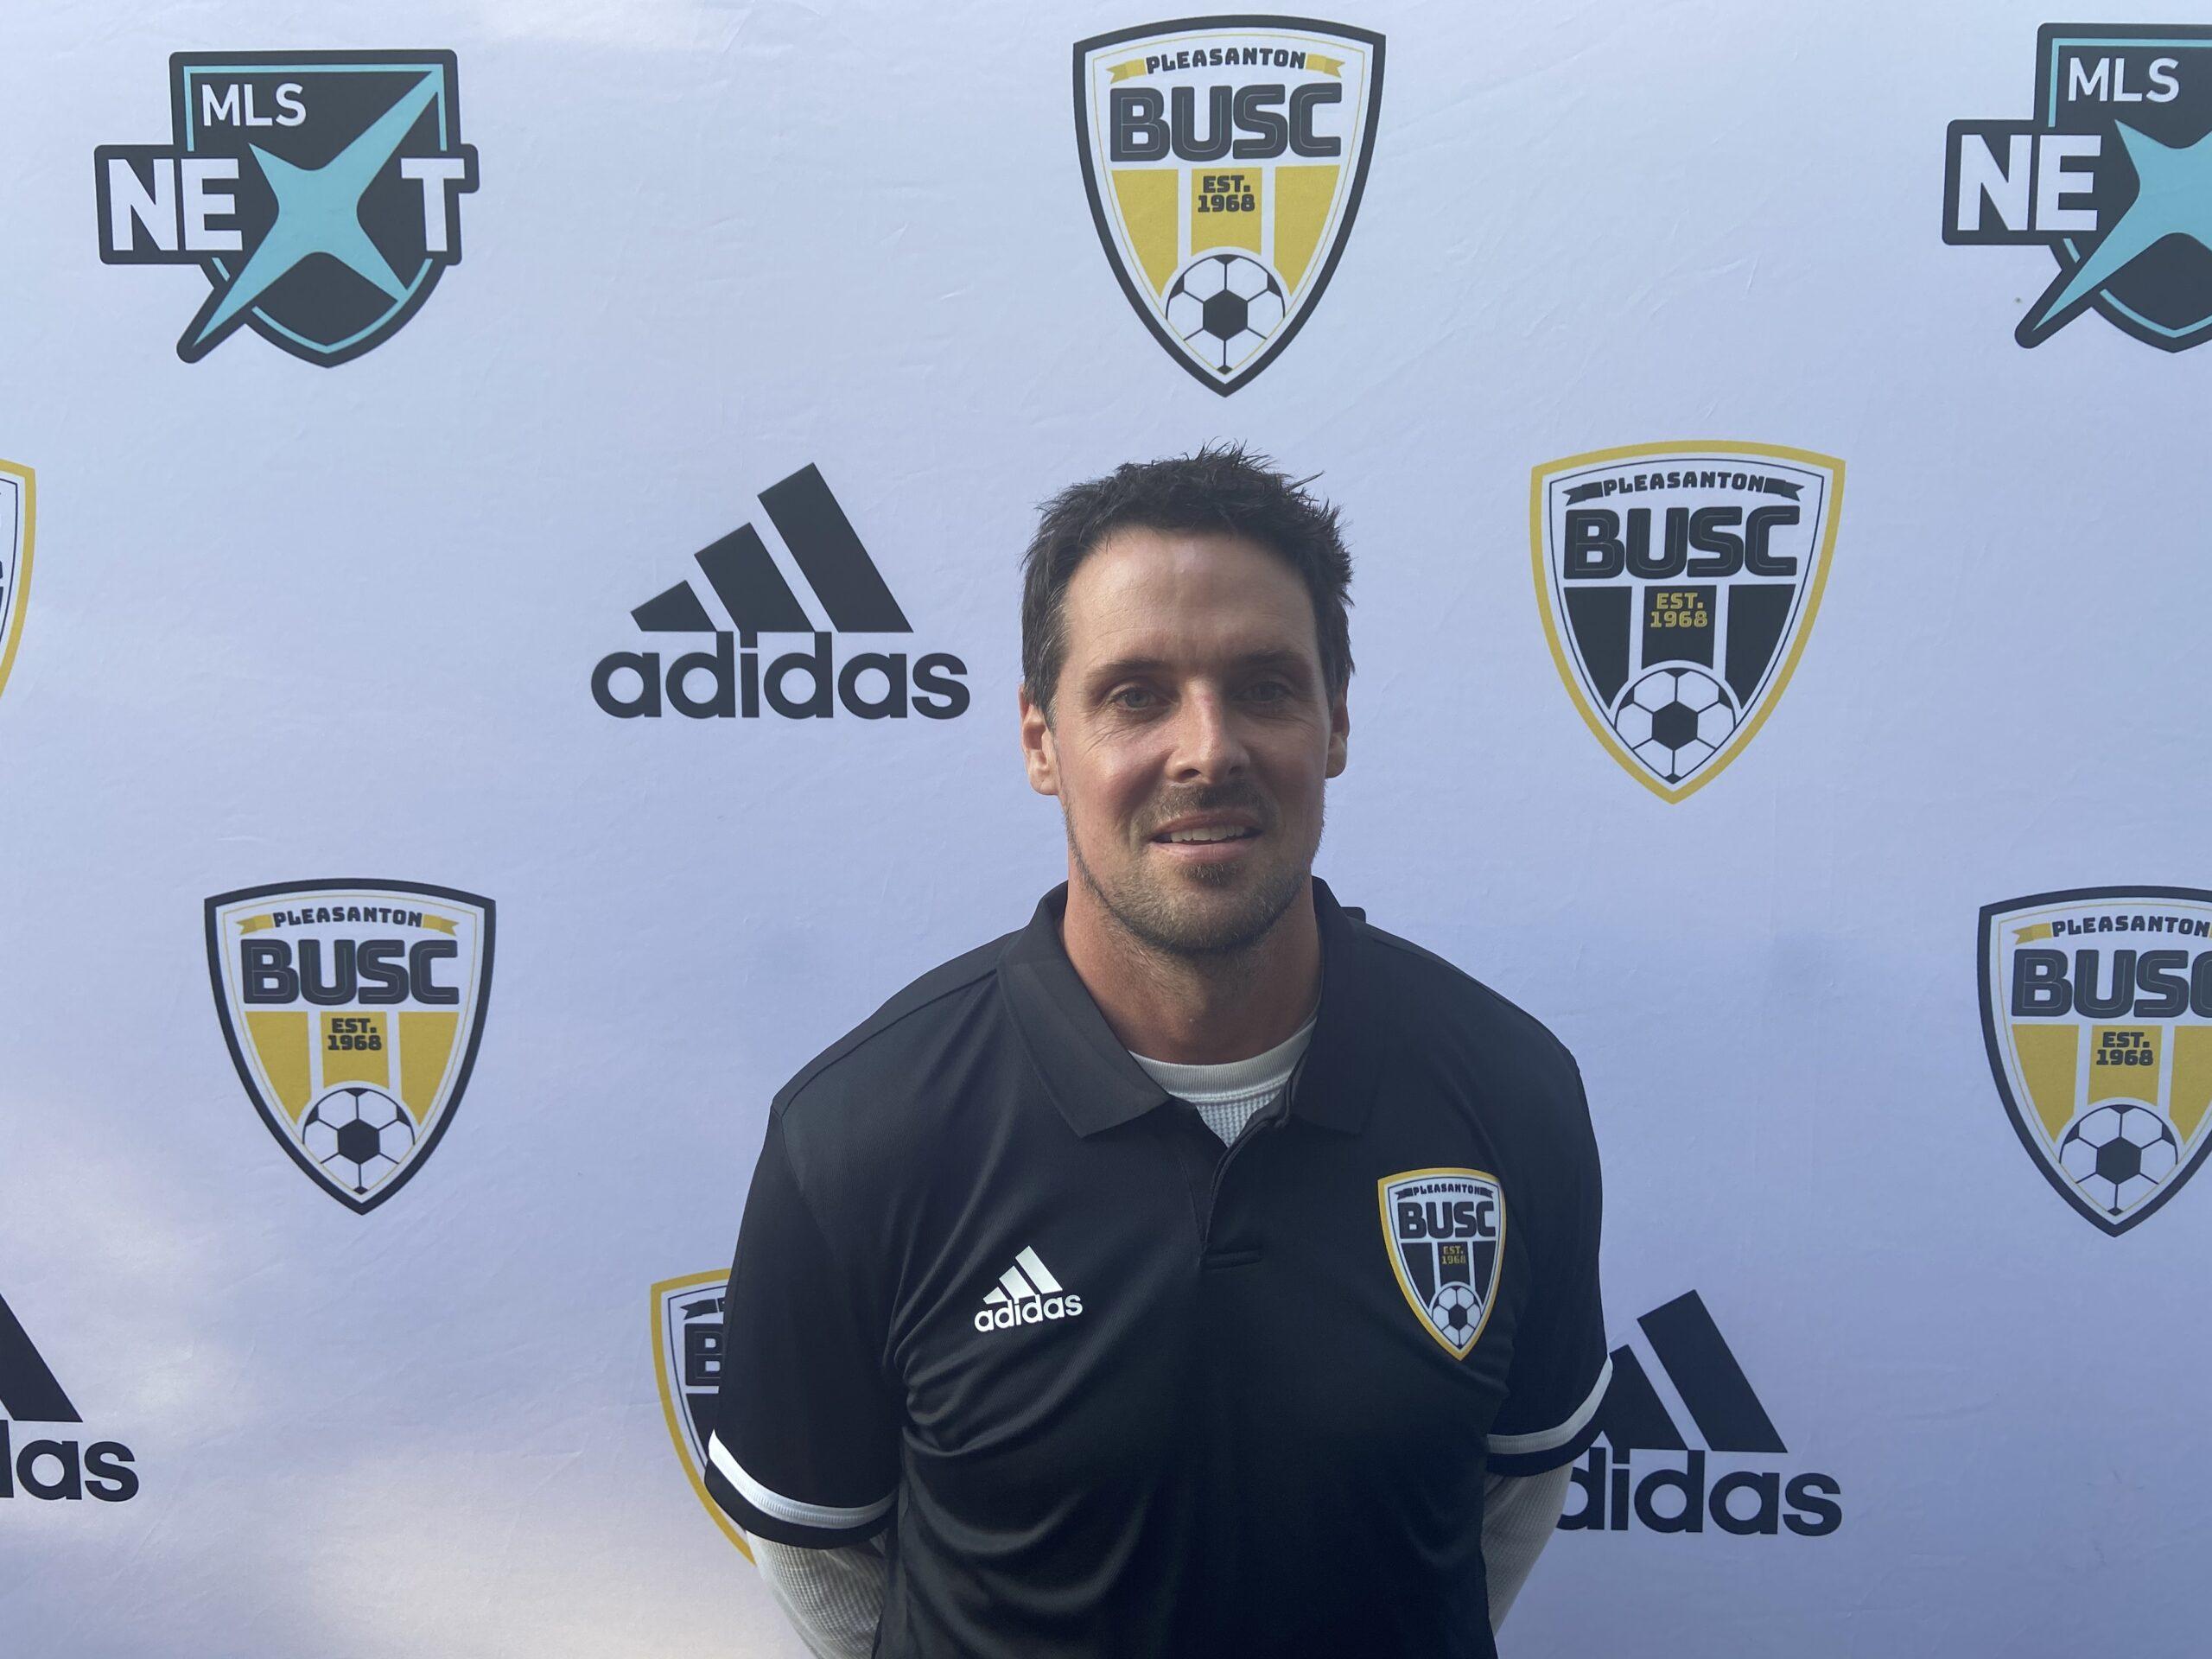 Craig Scheer tapped to handle U-19 MLS Next team!!